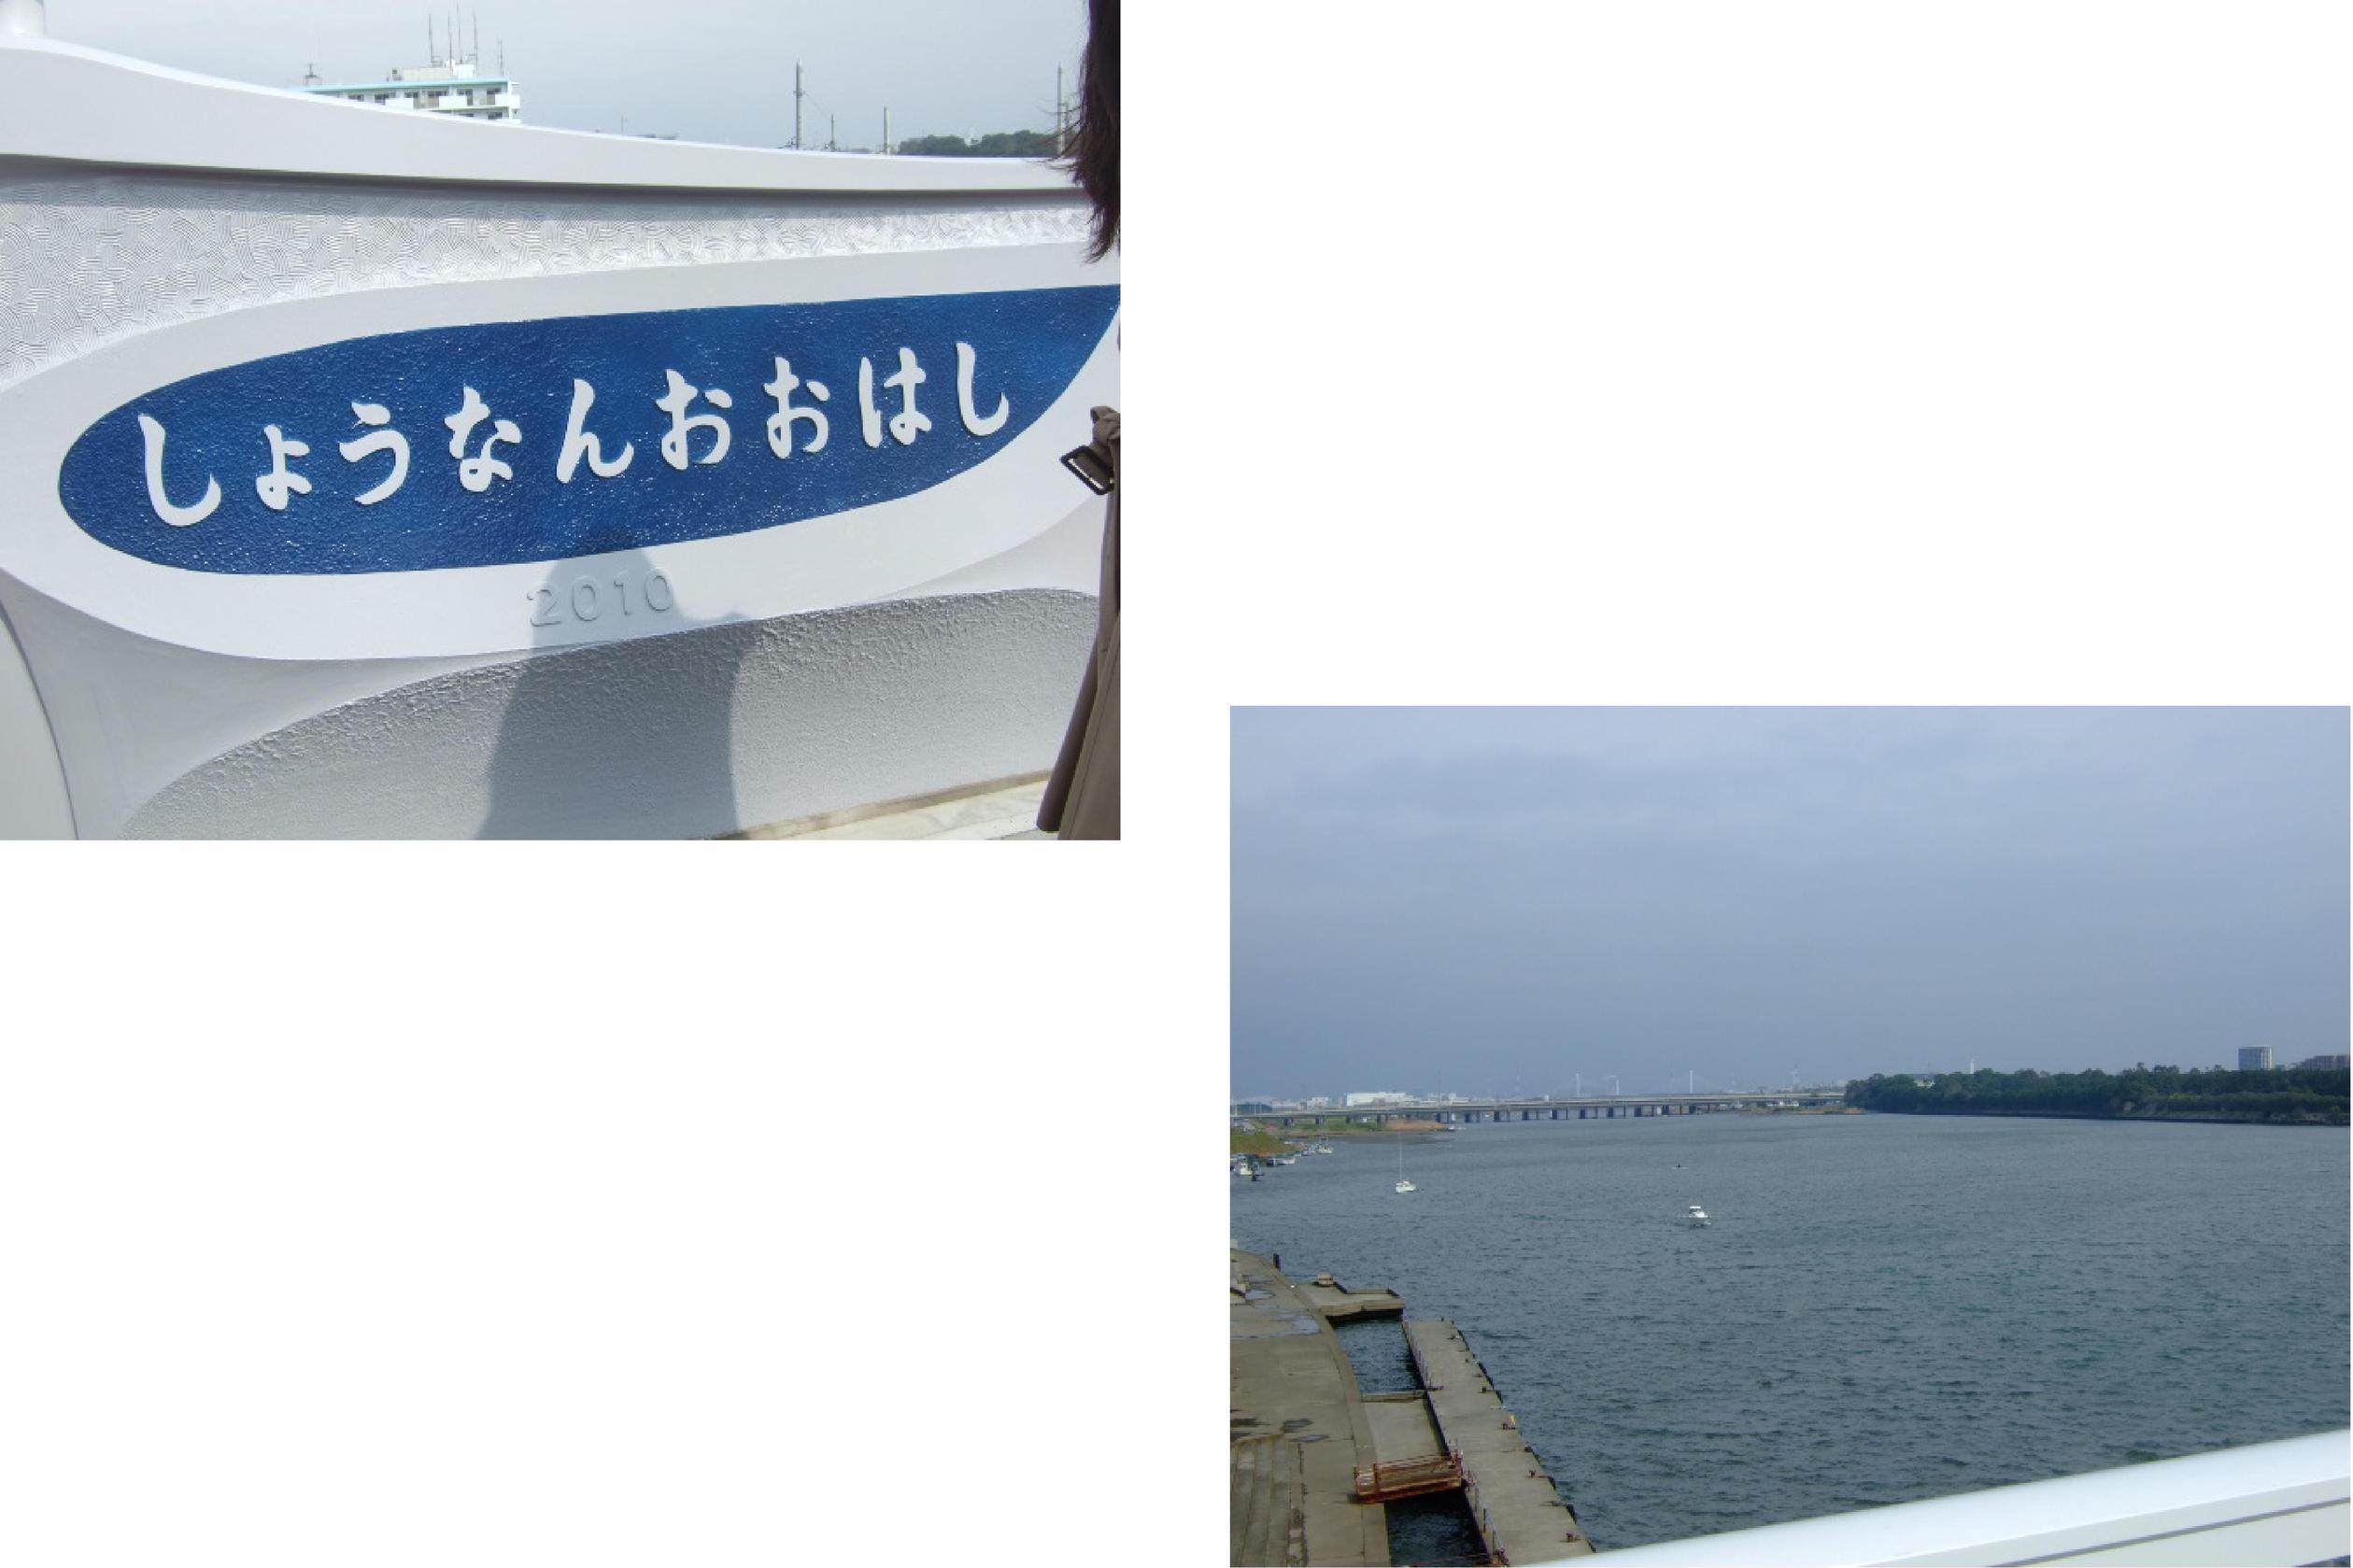 湘南大橋開通.....3月28日_b0137932_1417973.jpg